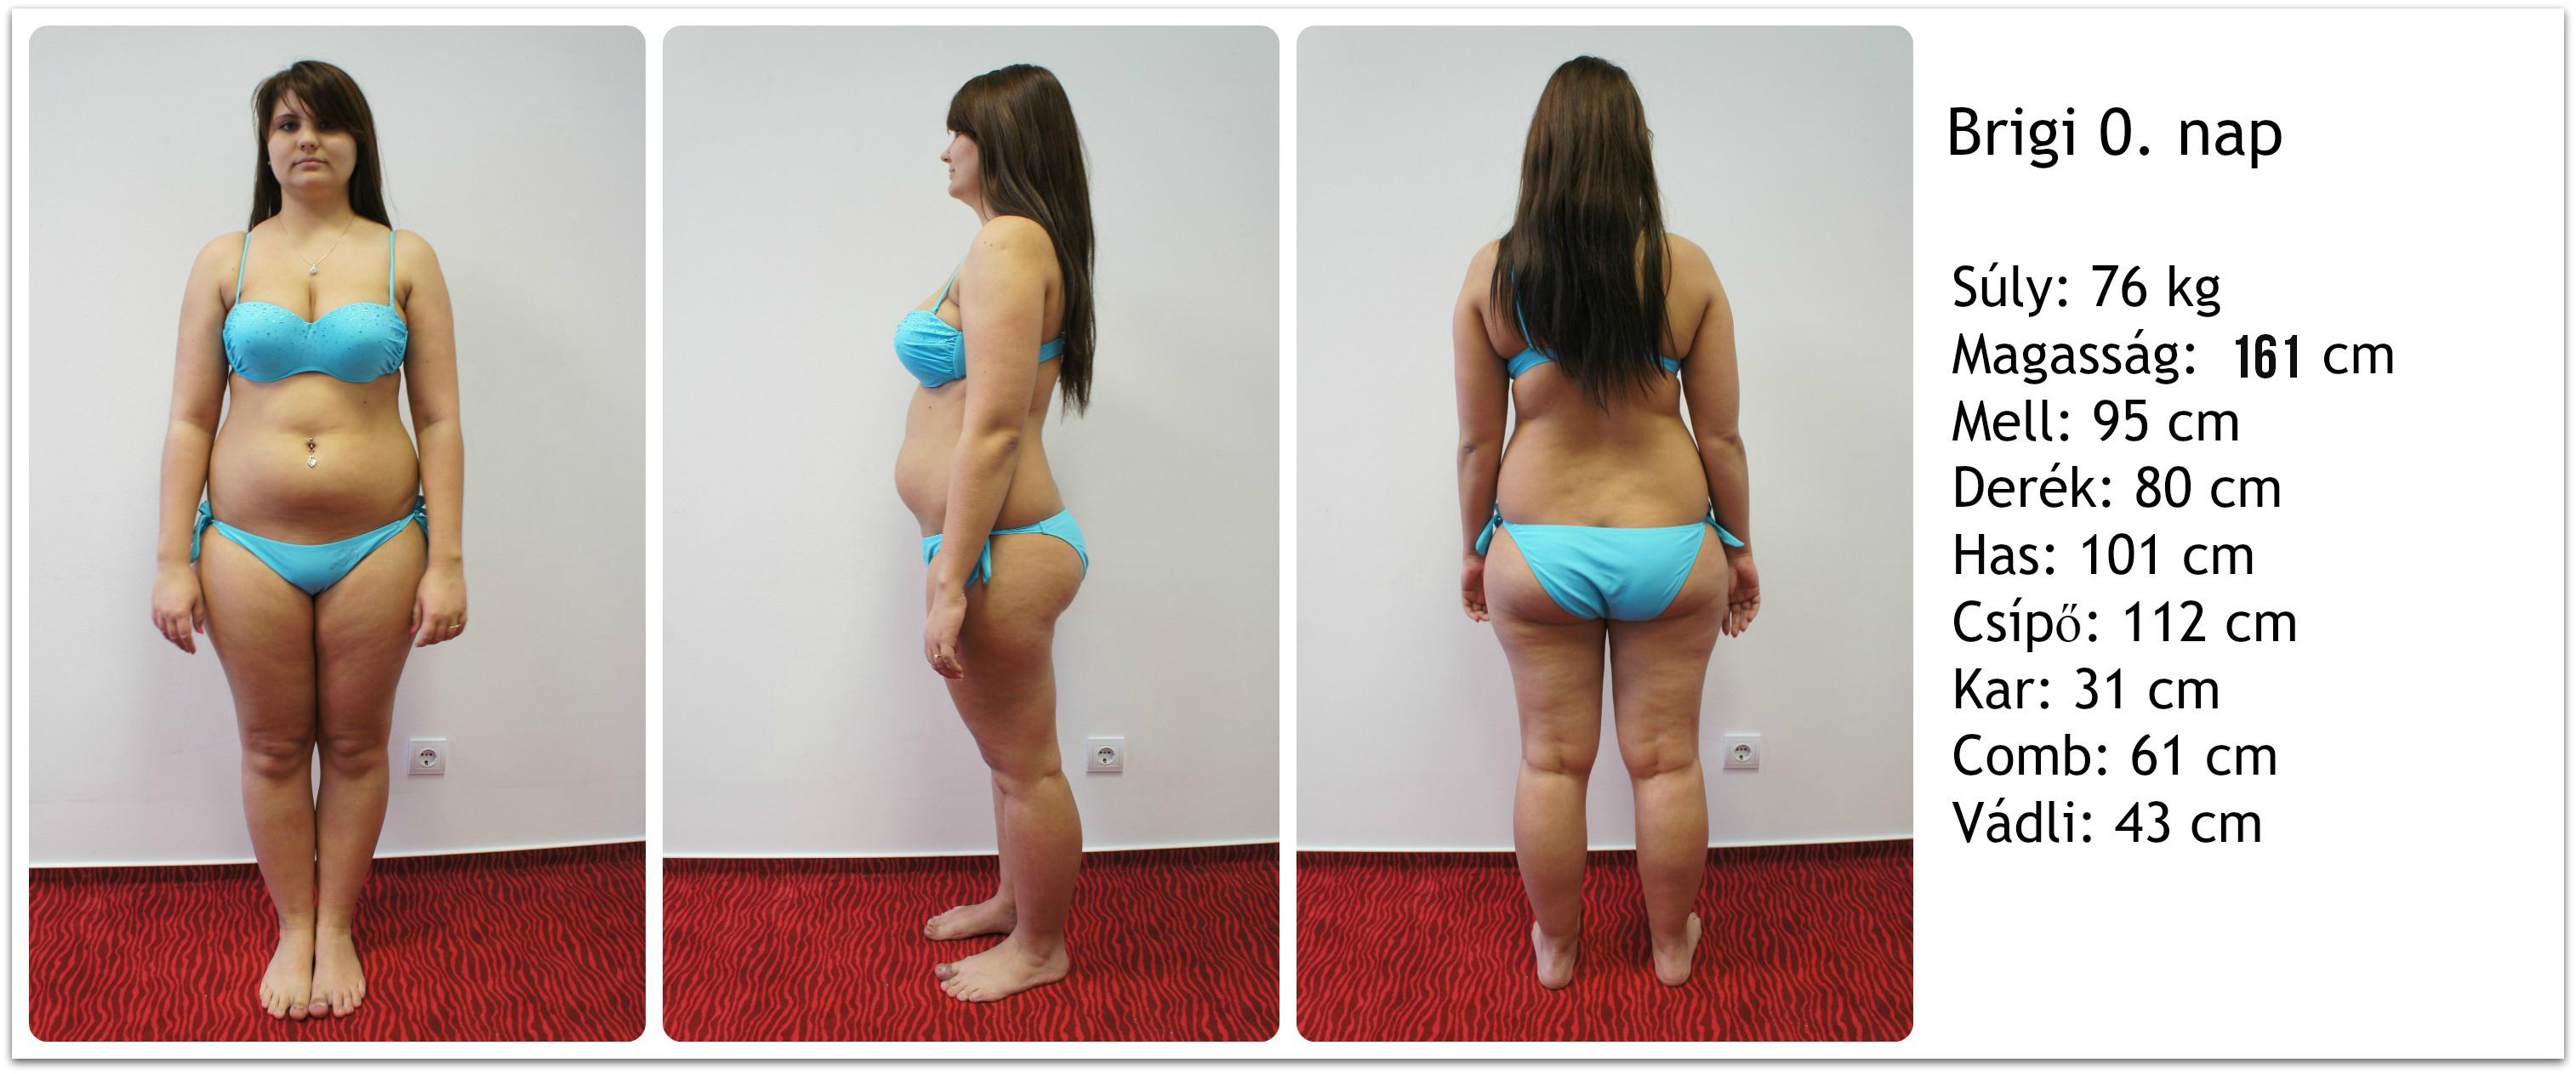 Kíméletlen őszinteséggel mutatta meg a fiatal lány, milyen 75 kilót fogyni